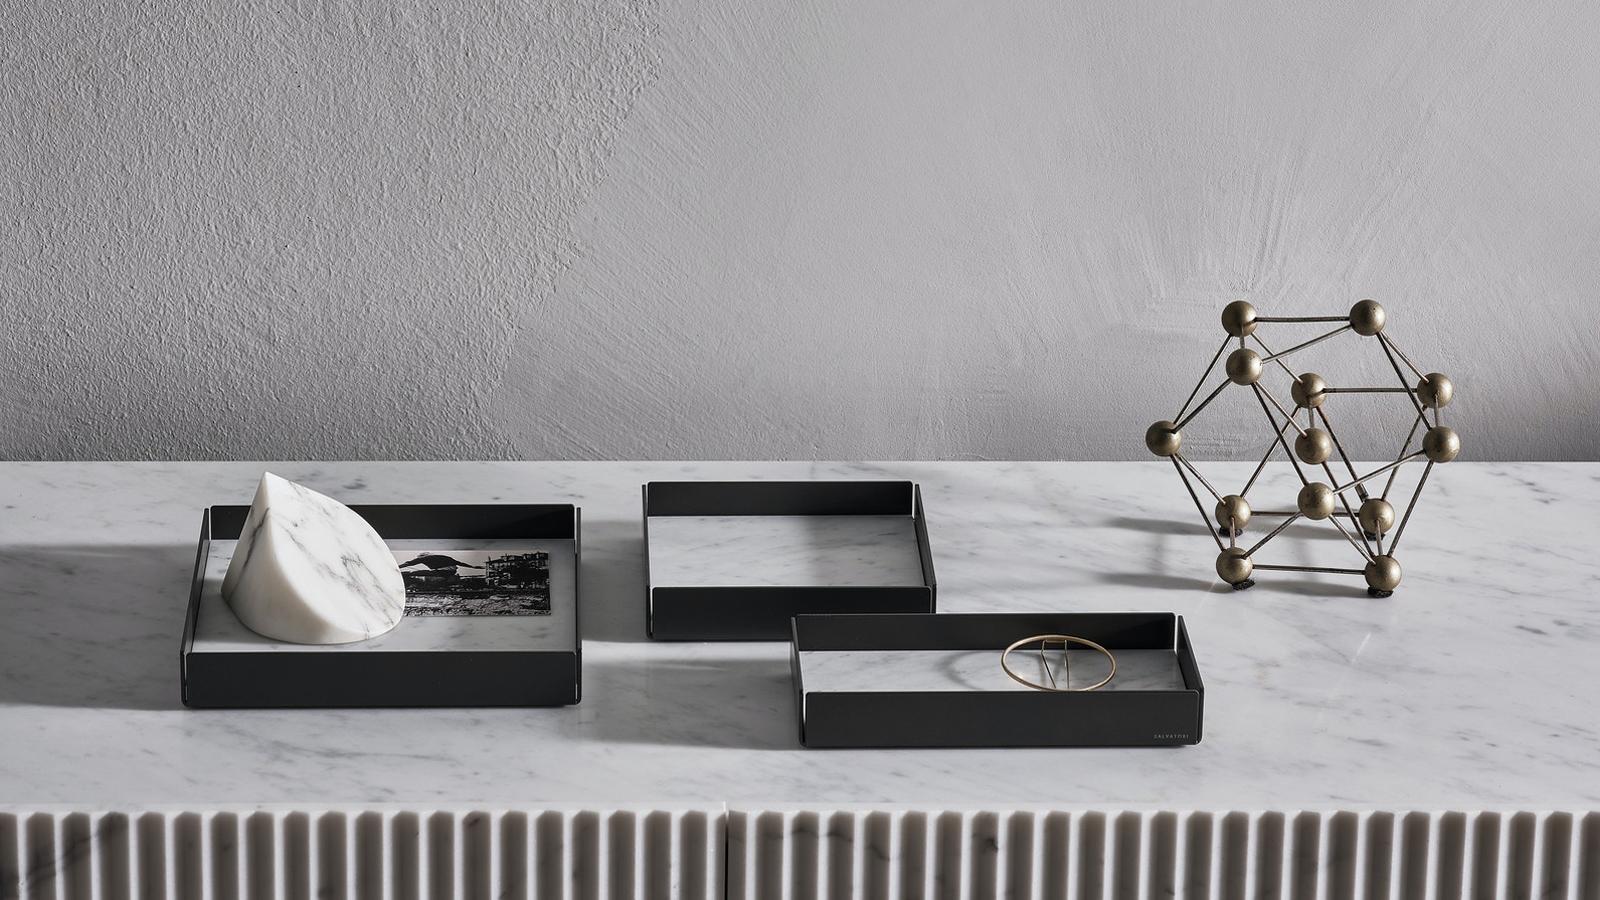 Négy, egymáshoz tökéletesen arányuló modell alkotja a Fontane Bianche sorozat tálca-kollekcióját, melyek önmagukban illetve együtt használva is kiváló kiegészítői lehetnek fürdőszobánknak – vagy akár a lakás bármely részének. A tálcák egyetlen márványdarabból készülnek, fém peremmel, és kétféle színváltozatban kaphatók. A Fontane Bianche sorozat Elisa Ossino formatervező alkotása.